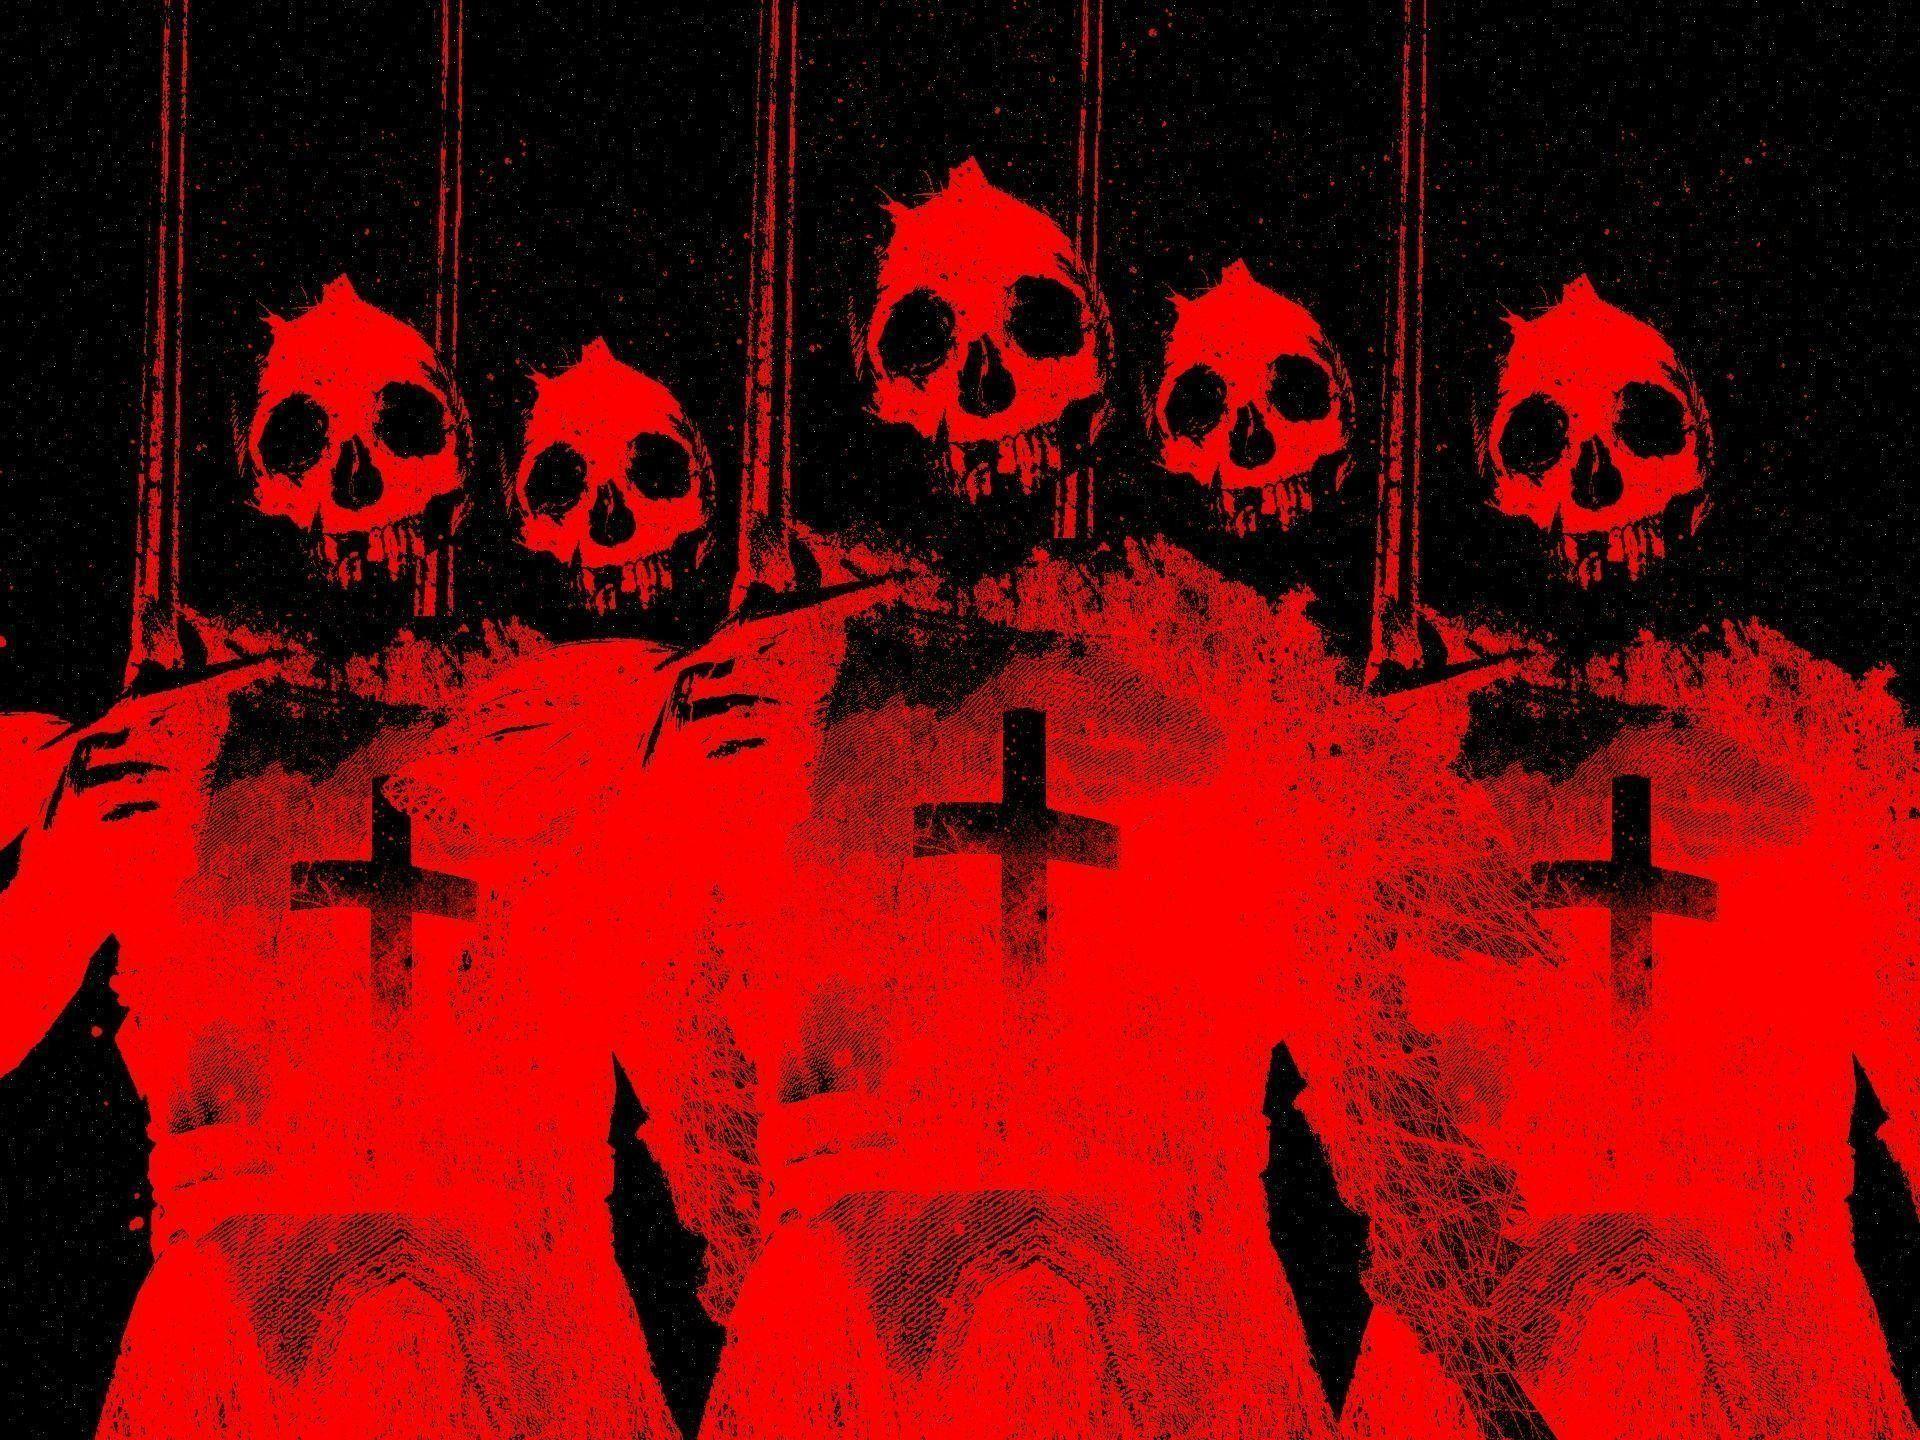 Satanic Wallpapers   Top Satanic Backgrounds   WallpaperAccess 1920x1440